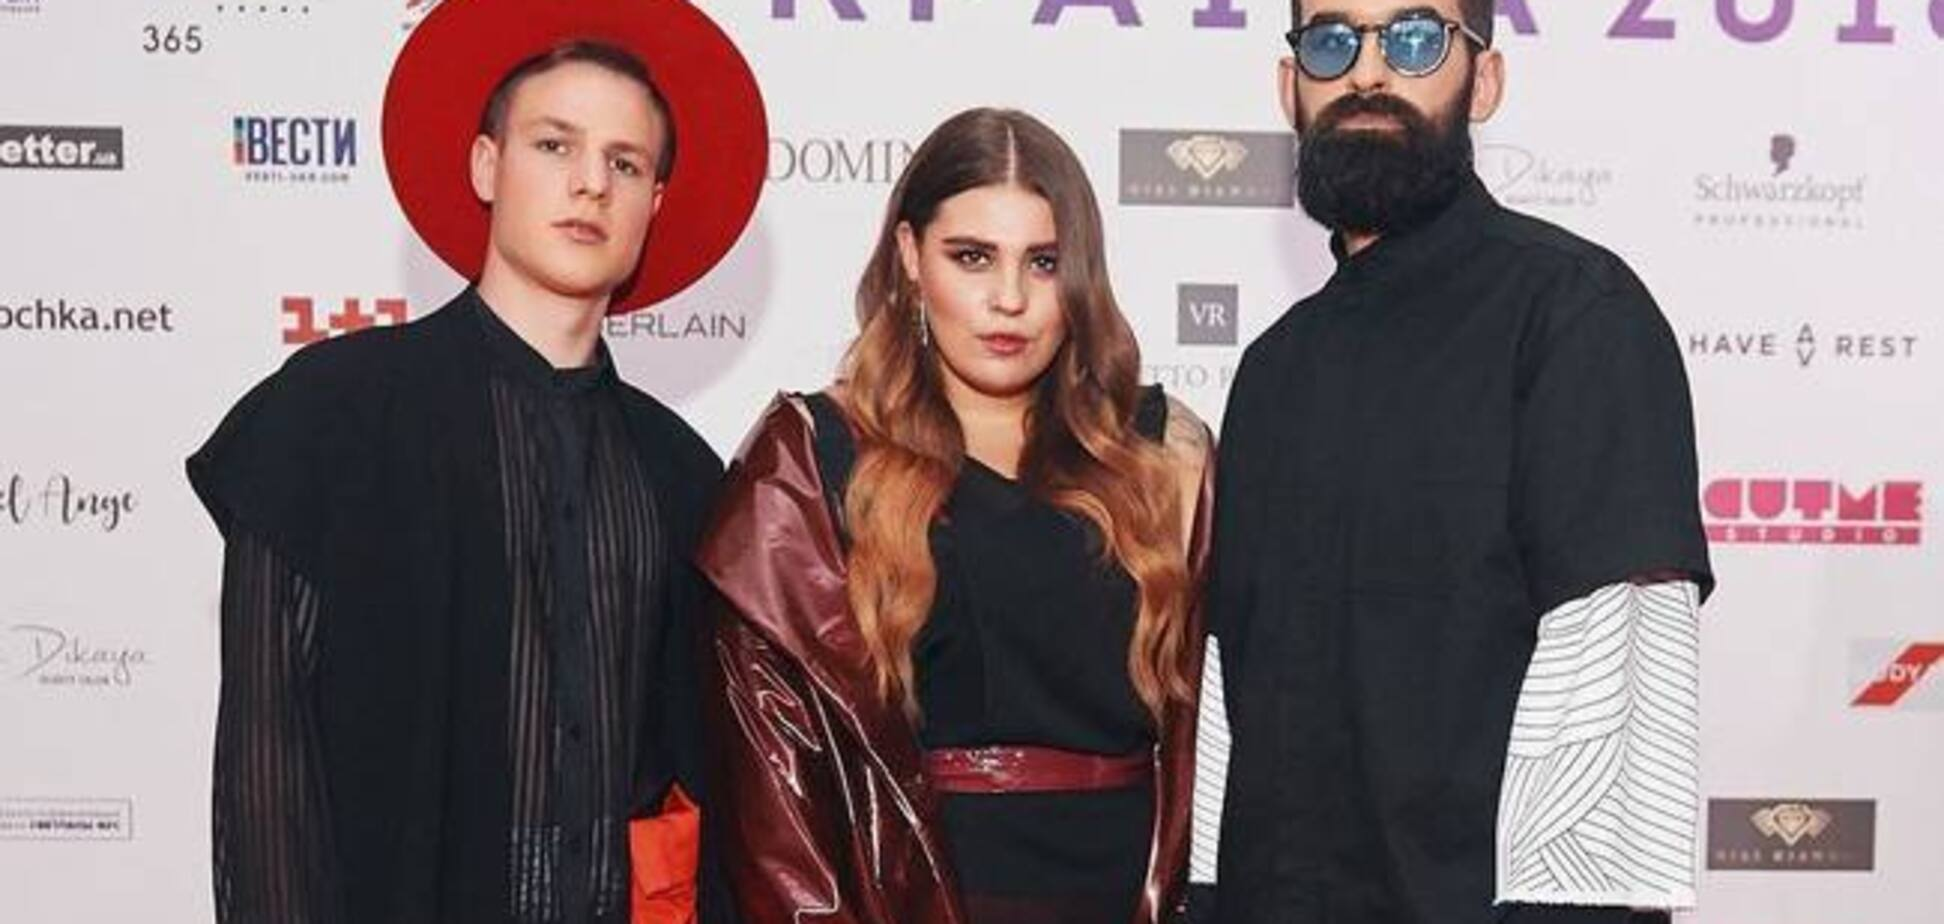 Cкандал с KAZKA на российском шоу: продюсер рассказал о хитрости группы